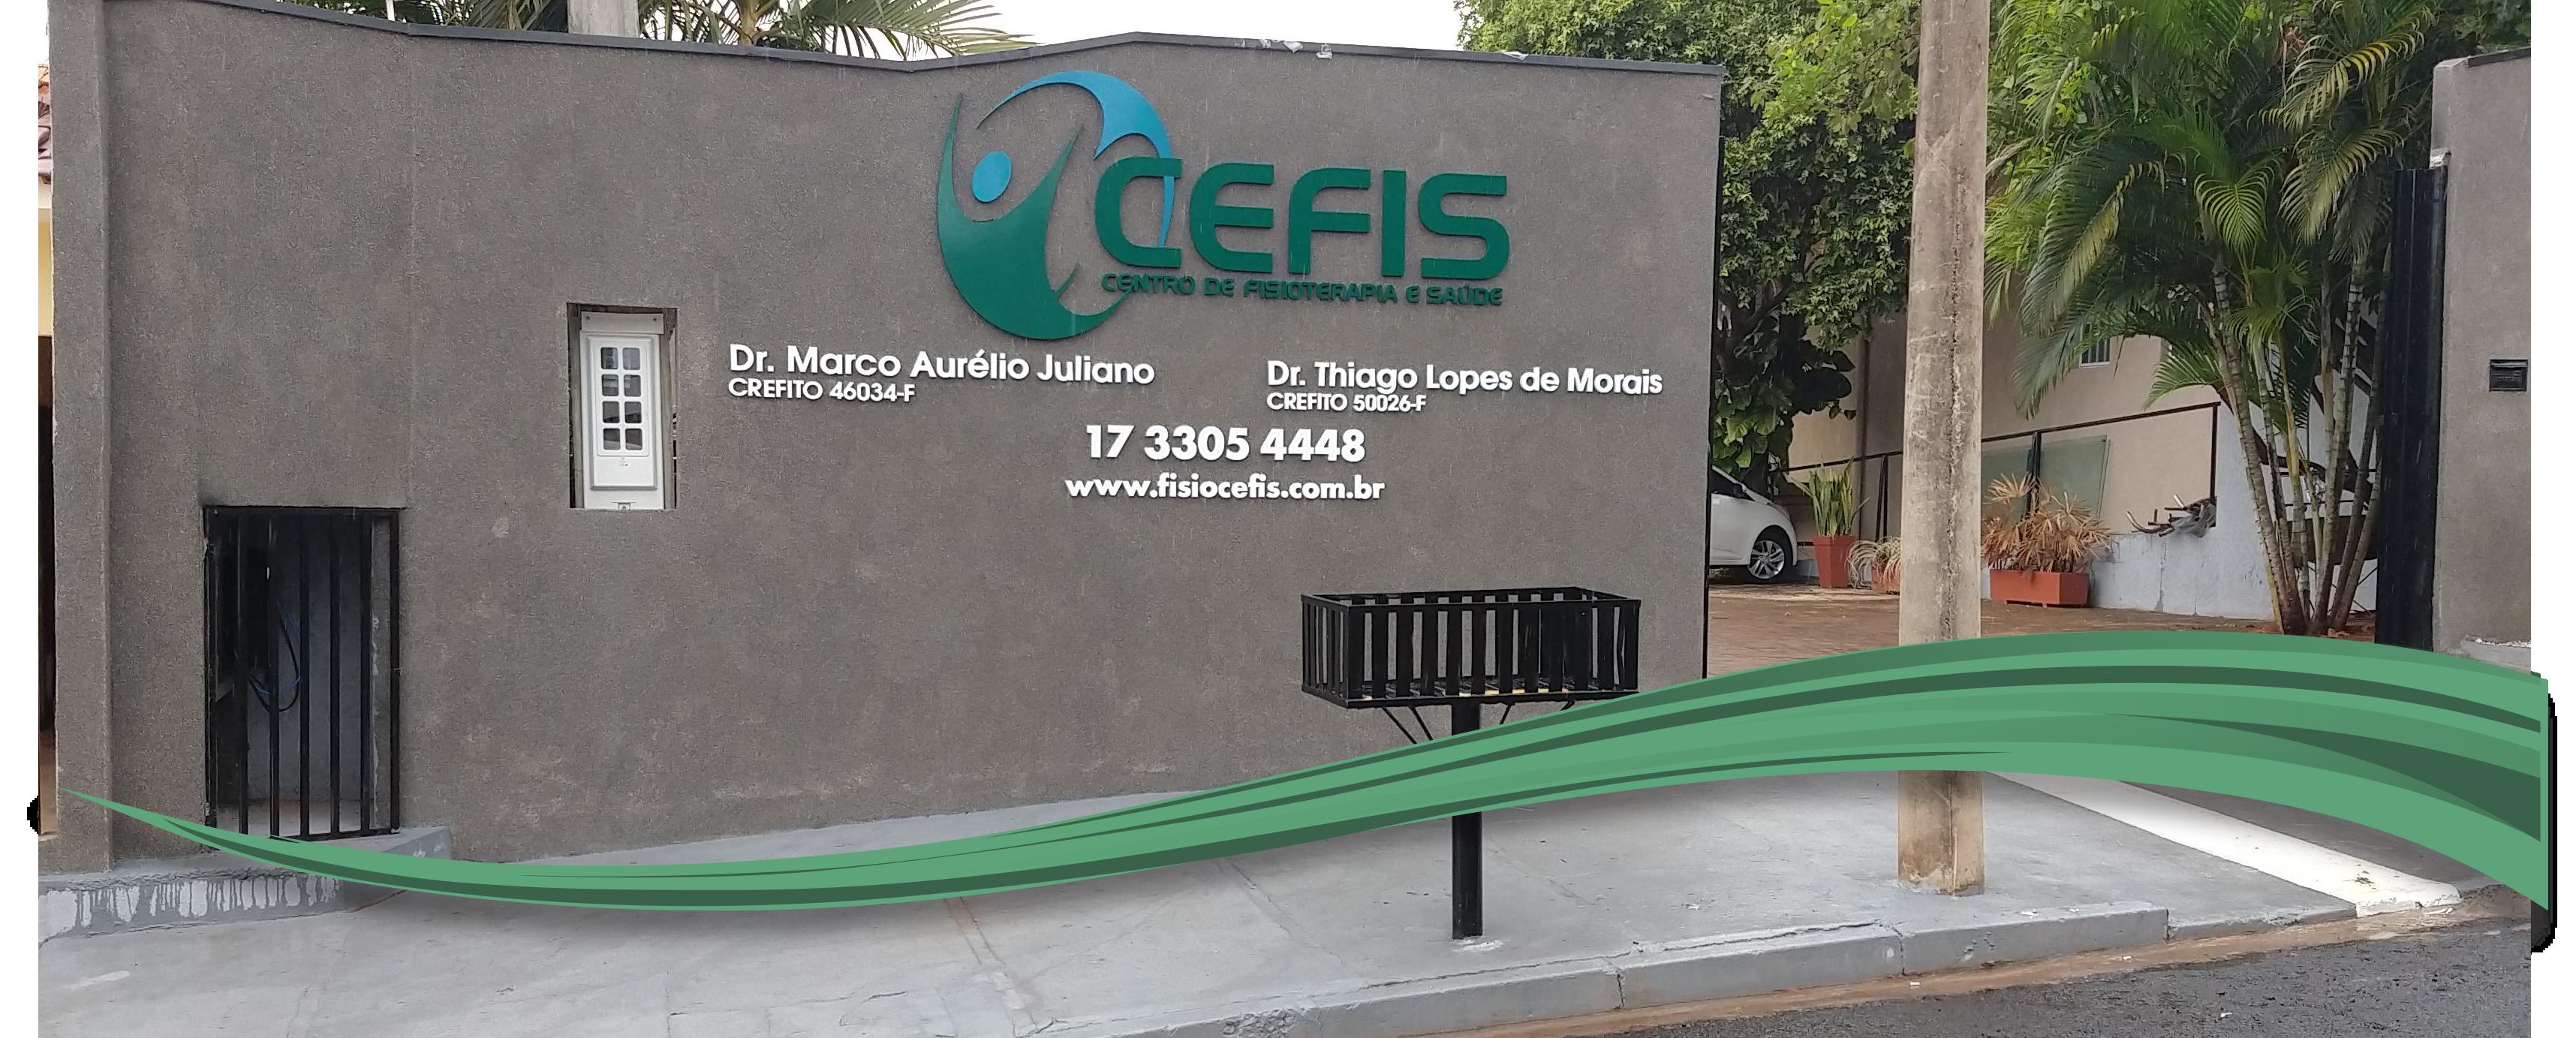 O CEFIS entra no ano de 2019 de cara nova!